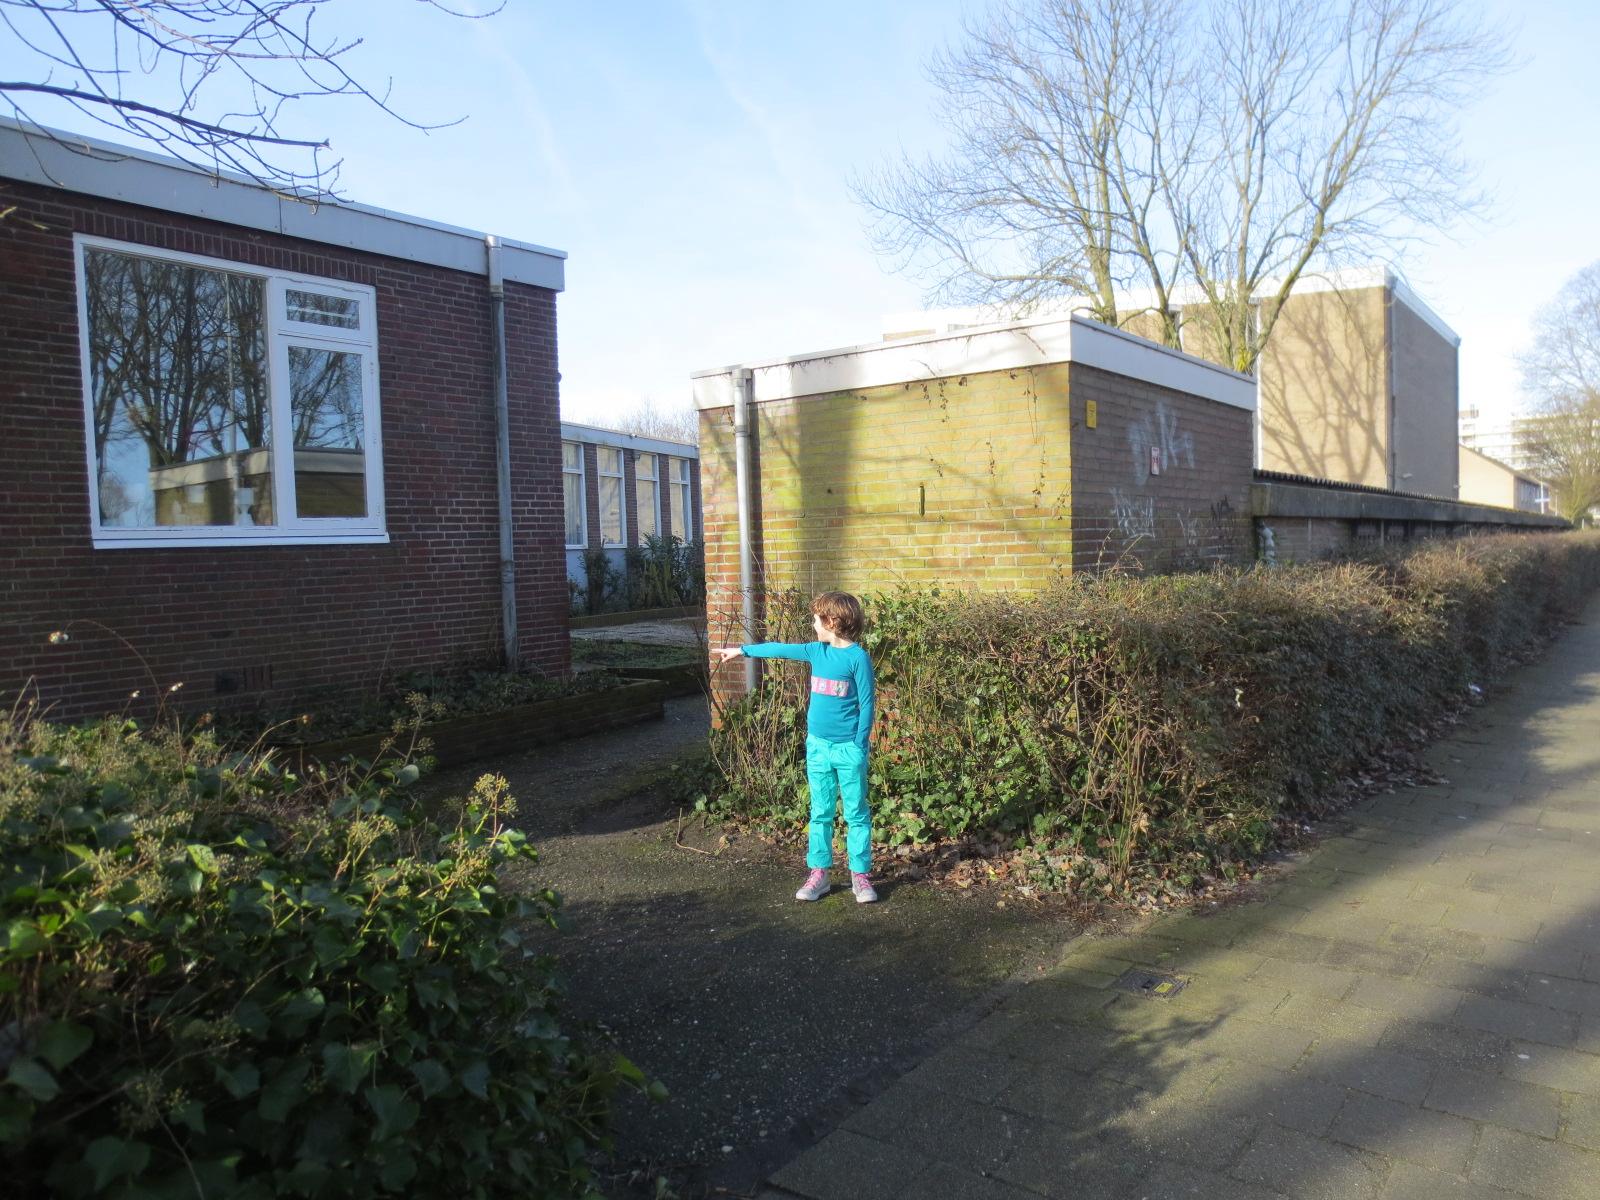 Ln. d. Nederlanden 150, Beverwijk.